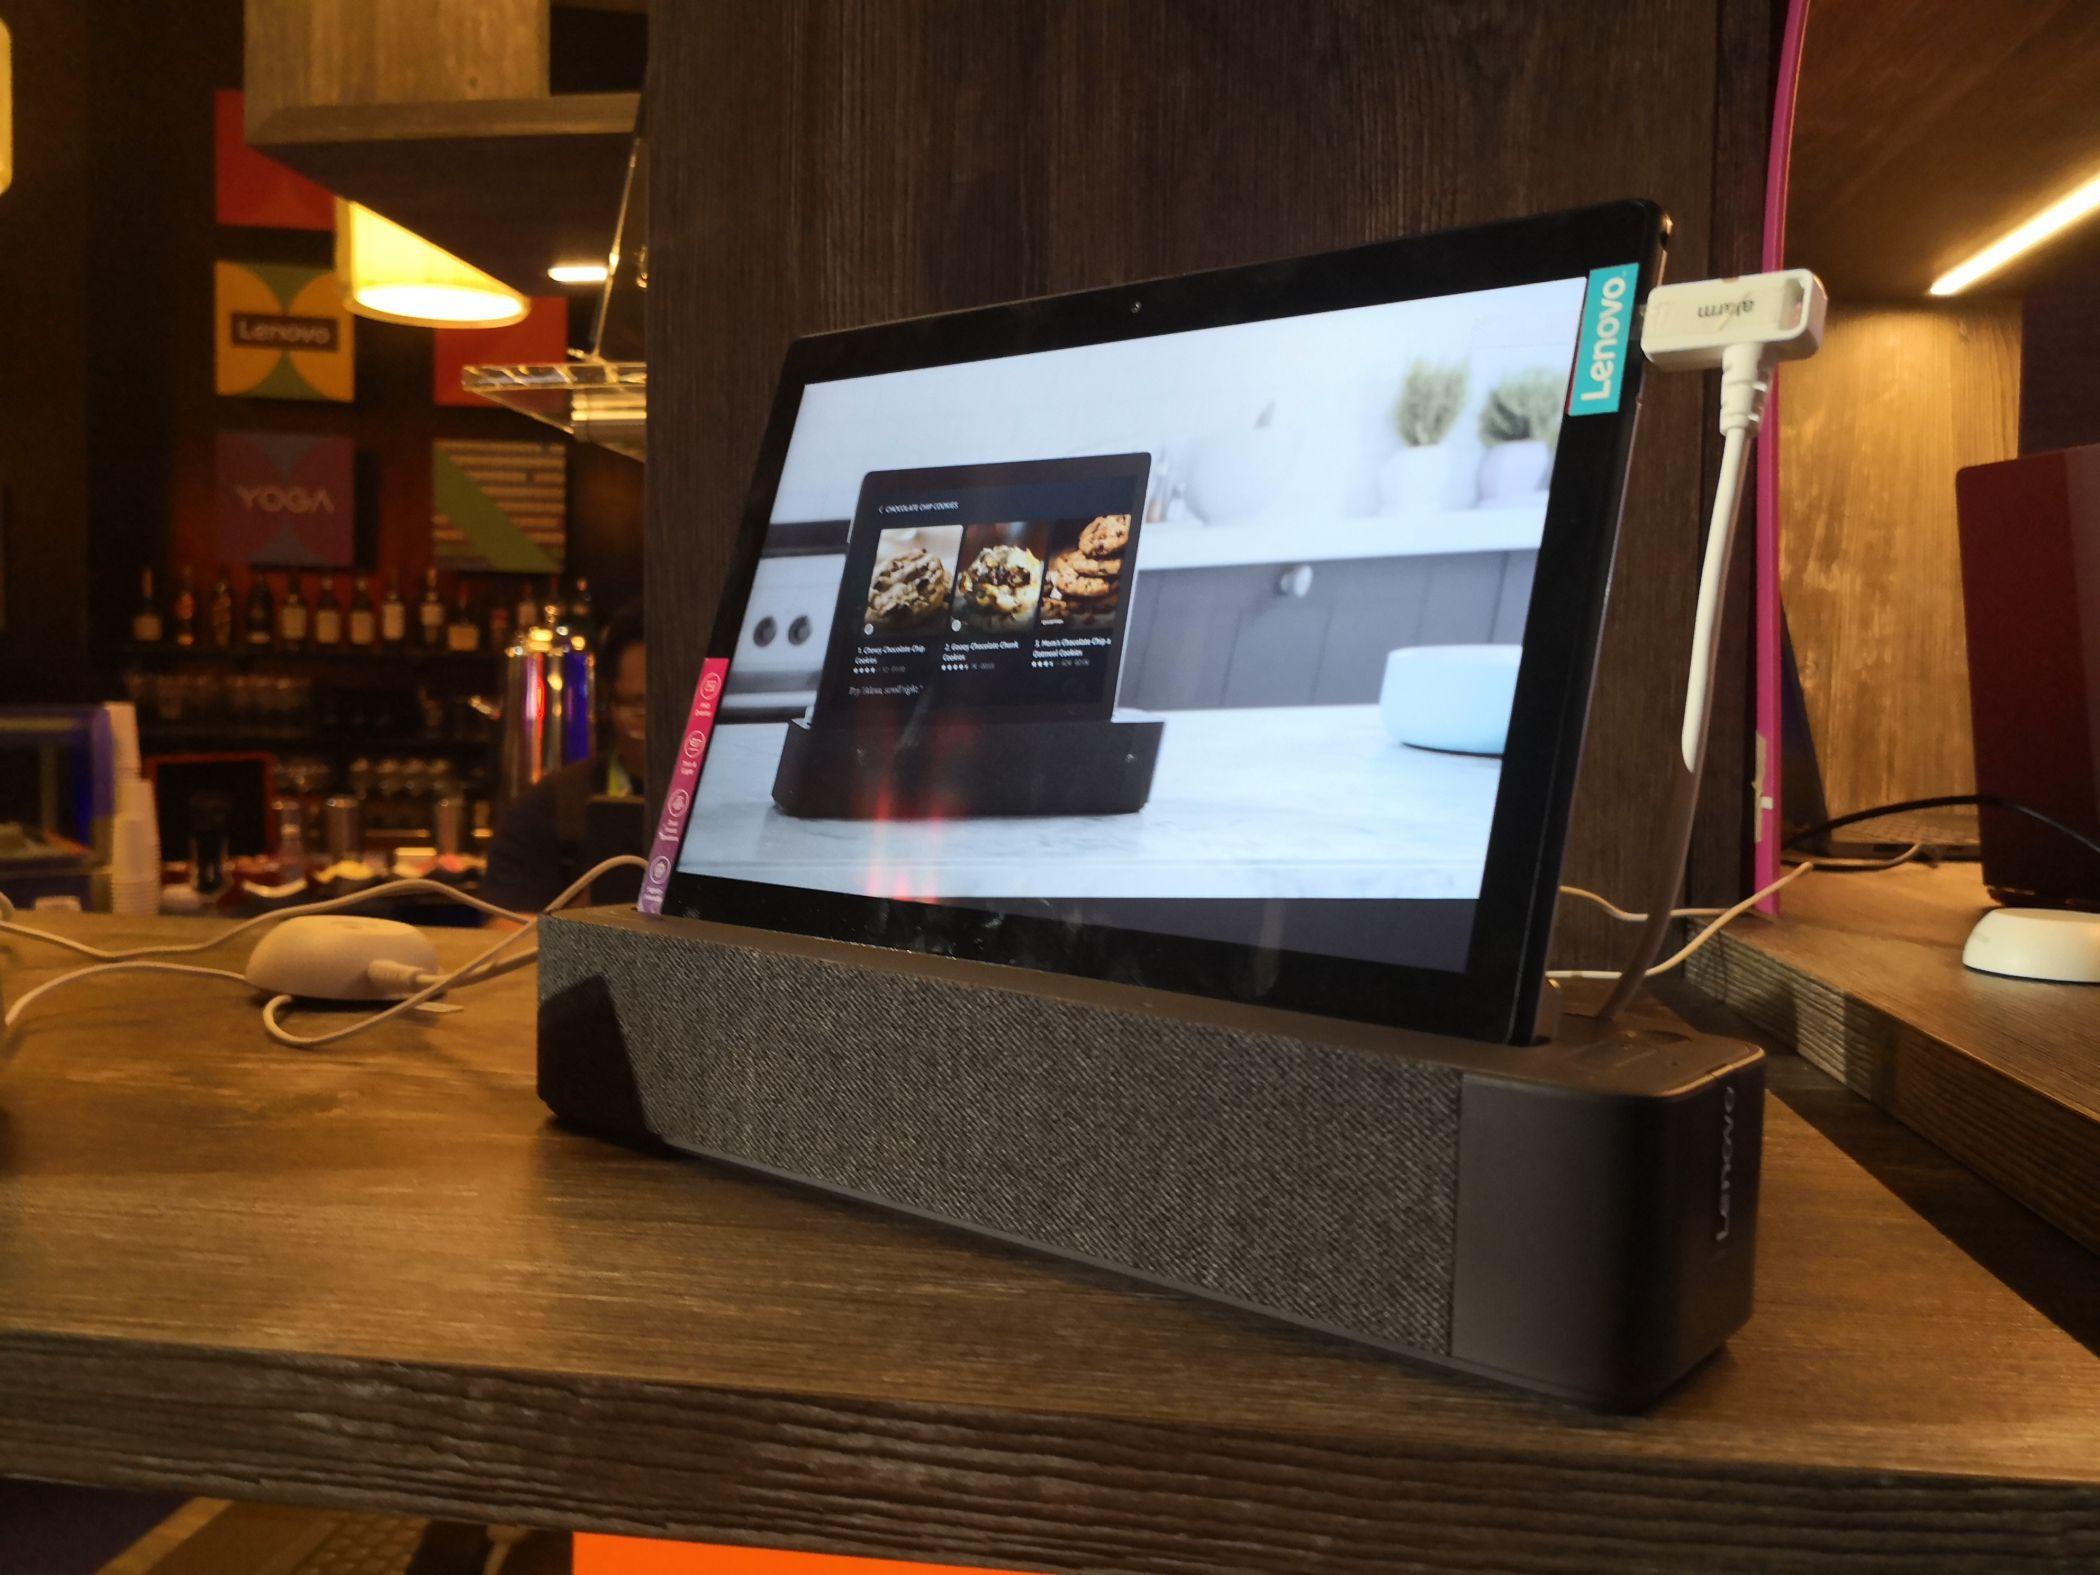 Lenovo mostra novos Yoga e ThinkPad e inova nos dispositivos inteligentes com a integração da Alexa nos tablets